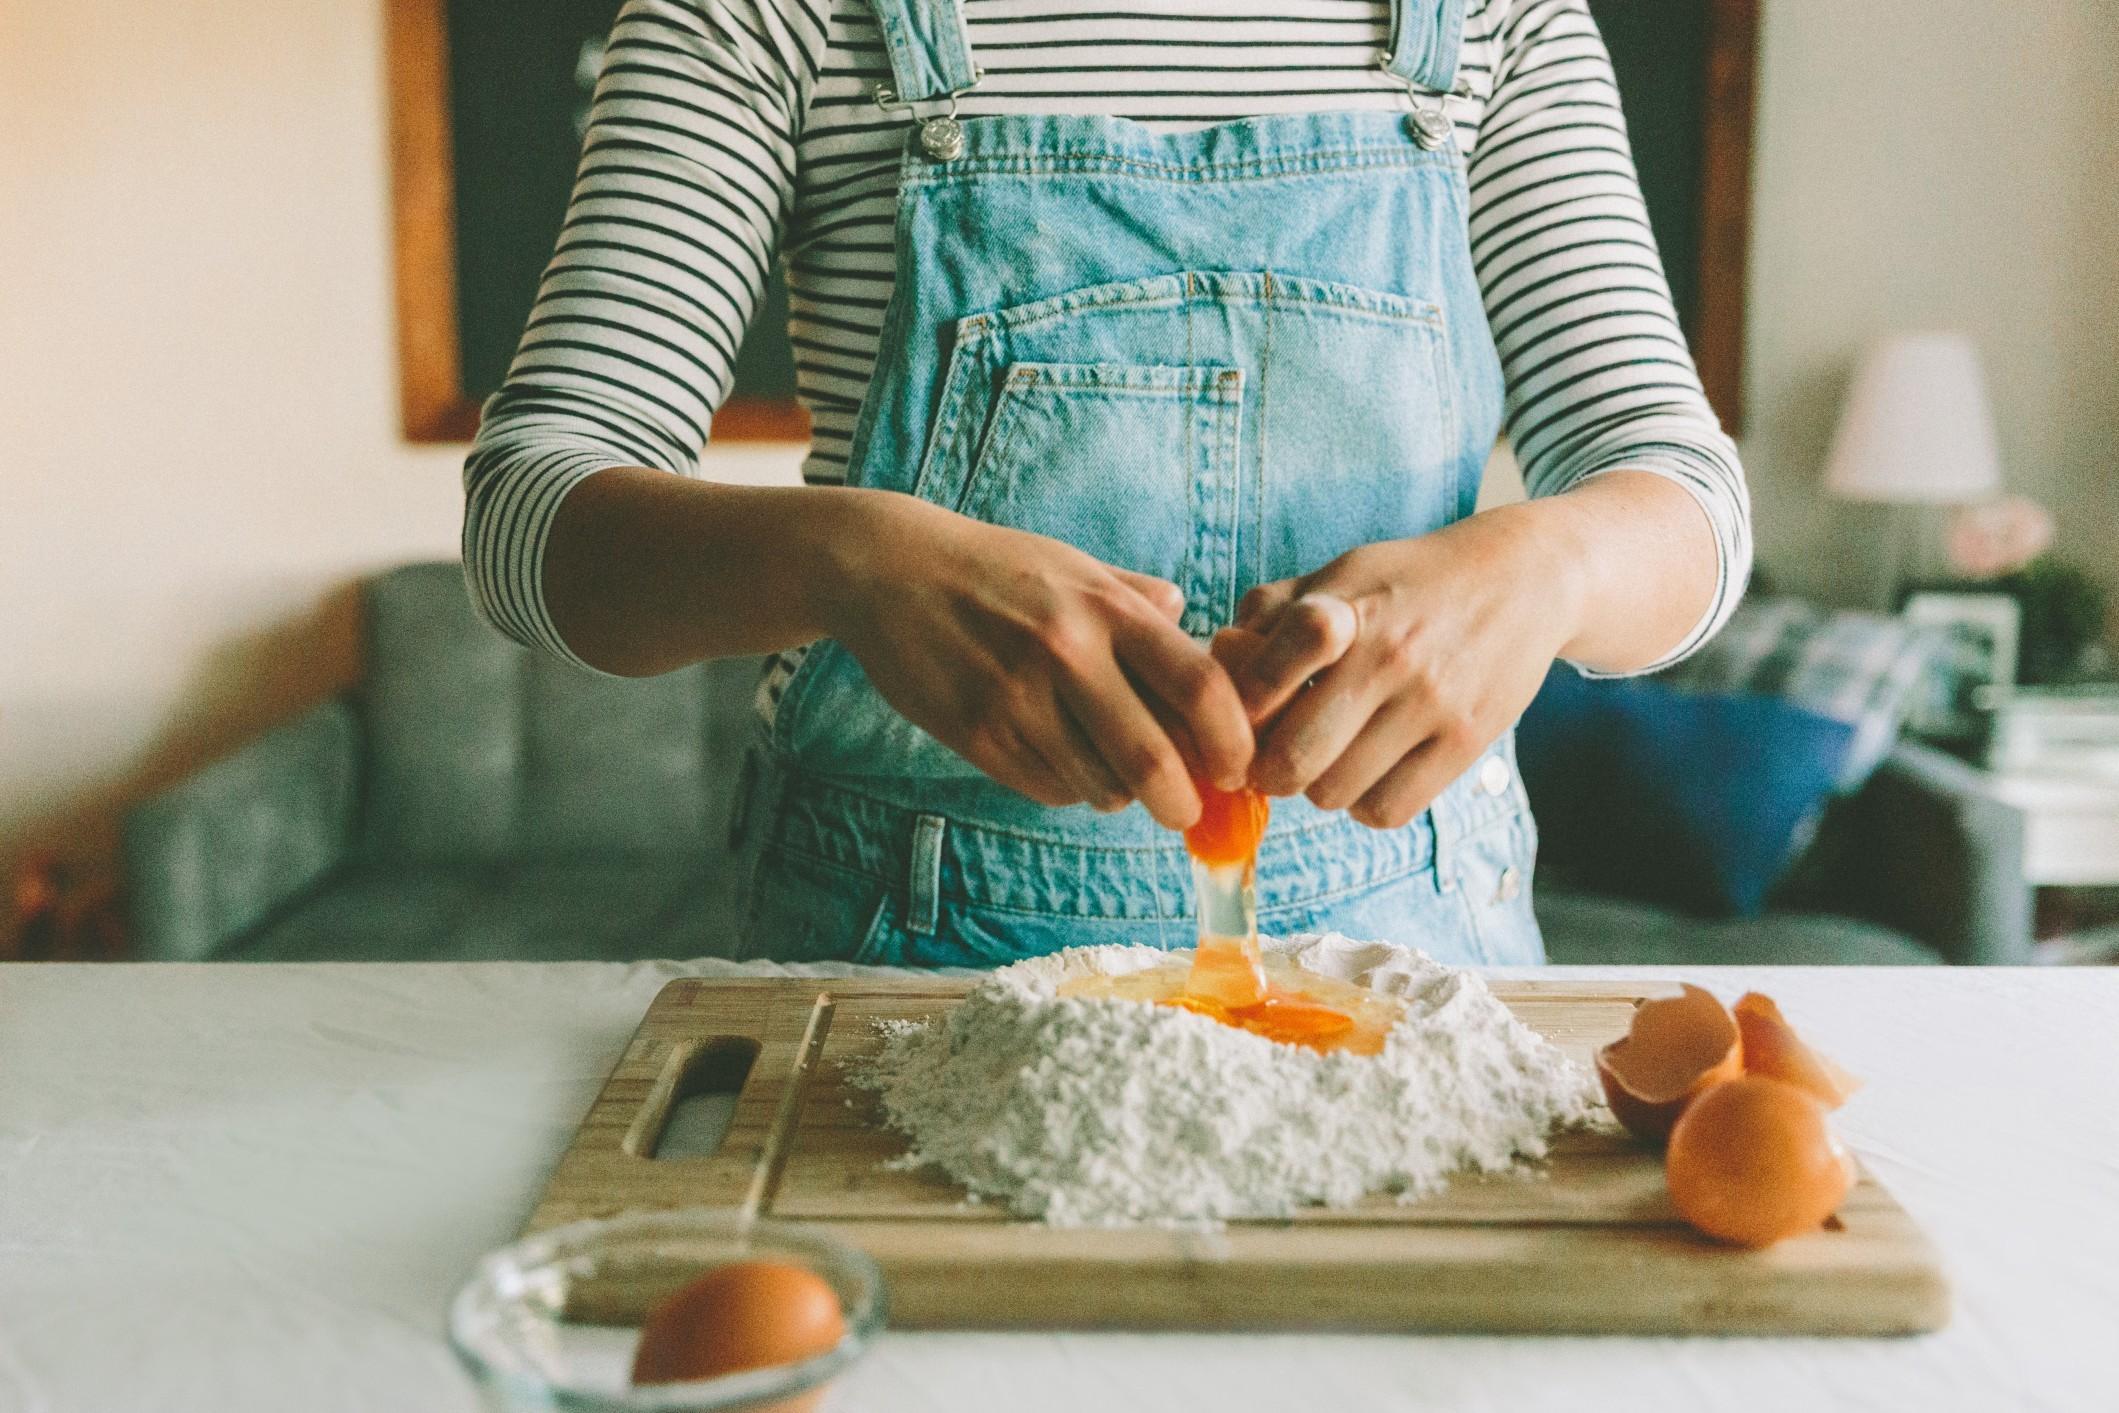 Baking in thr kitchen